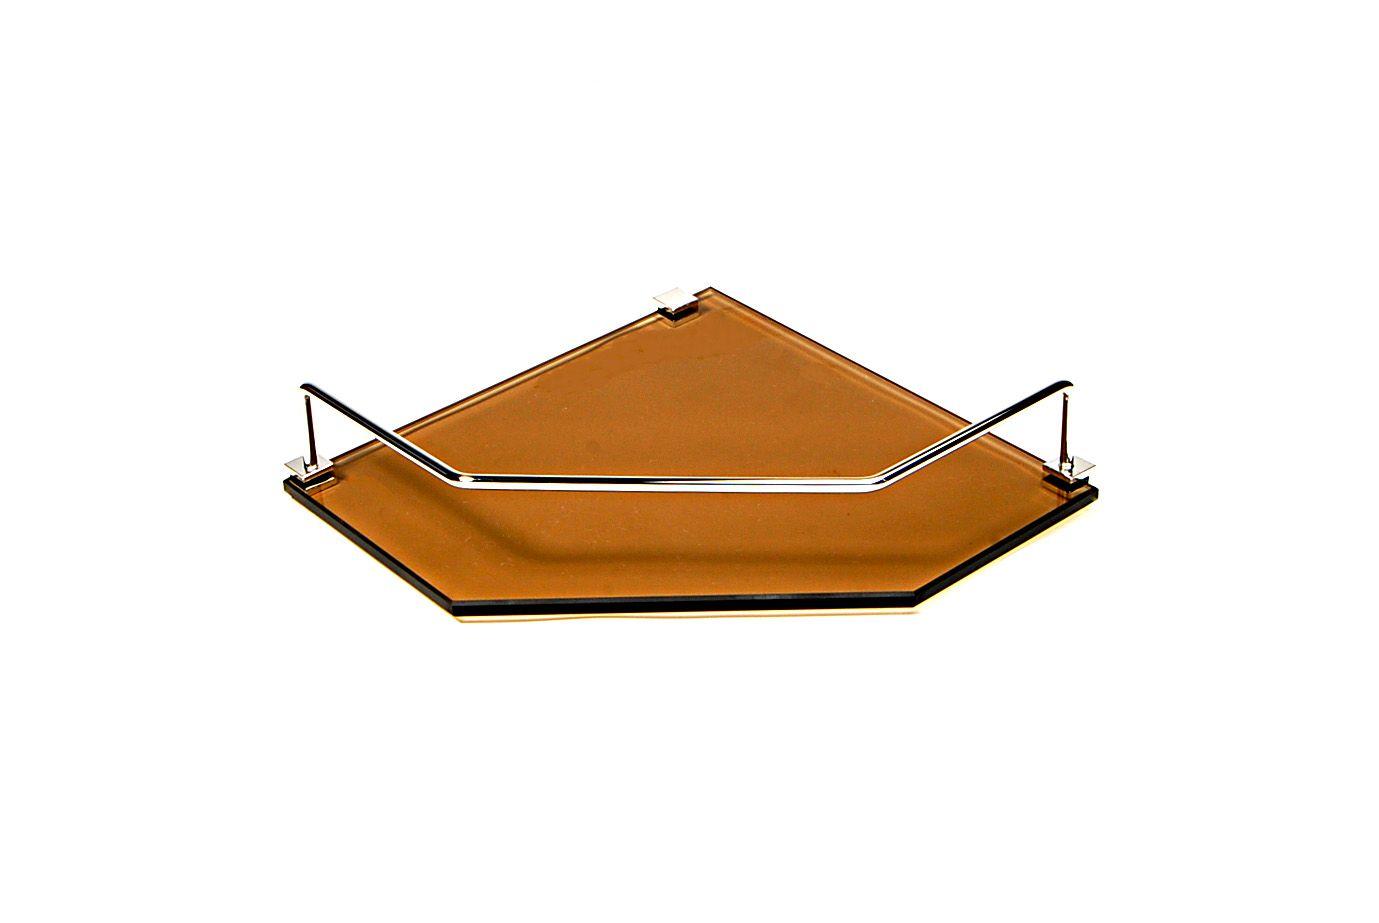 Porta Shampoo de Canto Reto em Vidro Bronze Lapidado - Aquabox  - 25cmx25cmx8mm